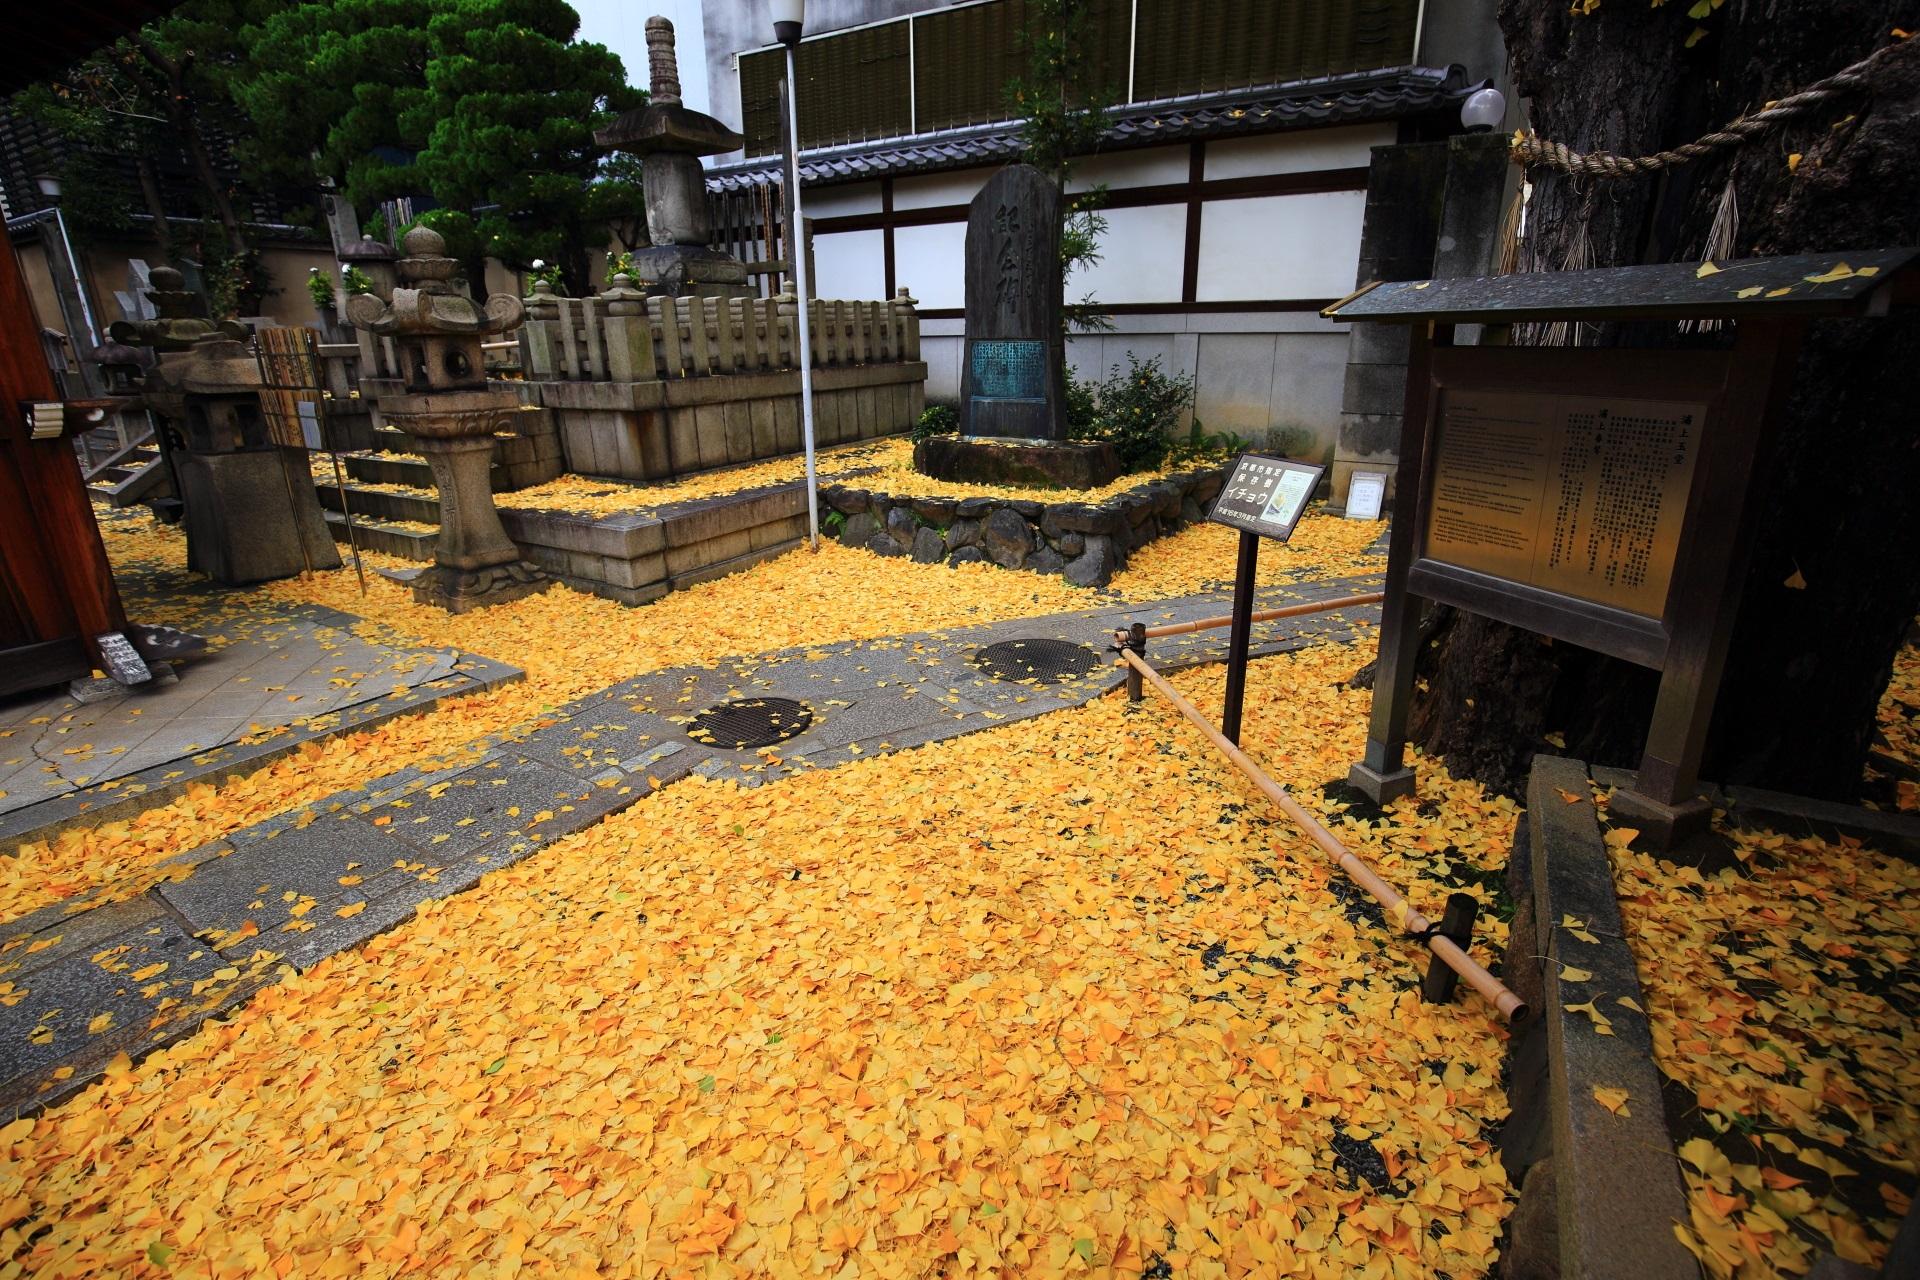 散り銀杏や敷き銀杏が見事な本能寺